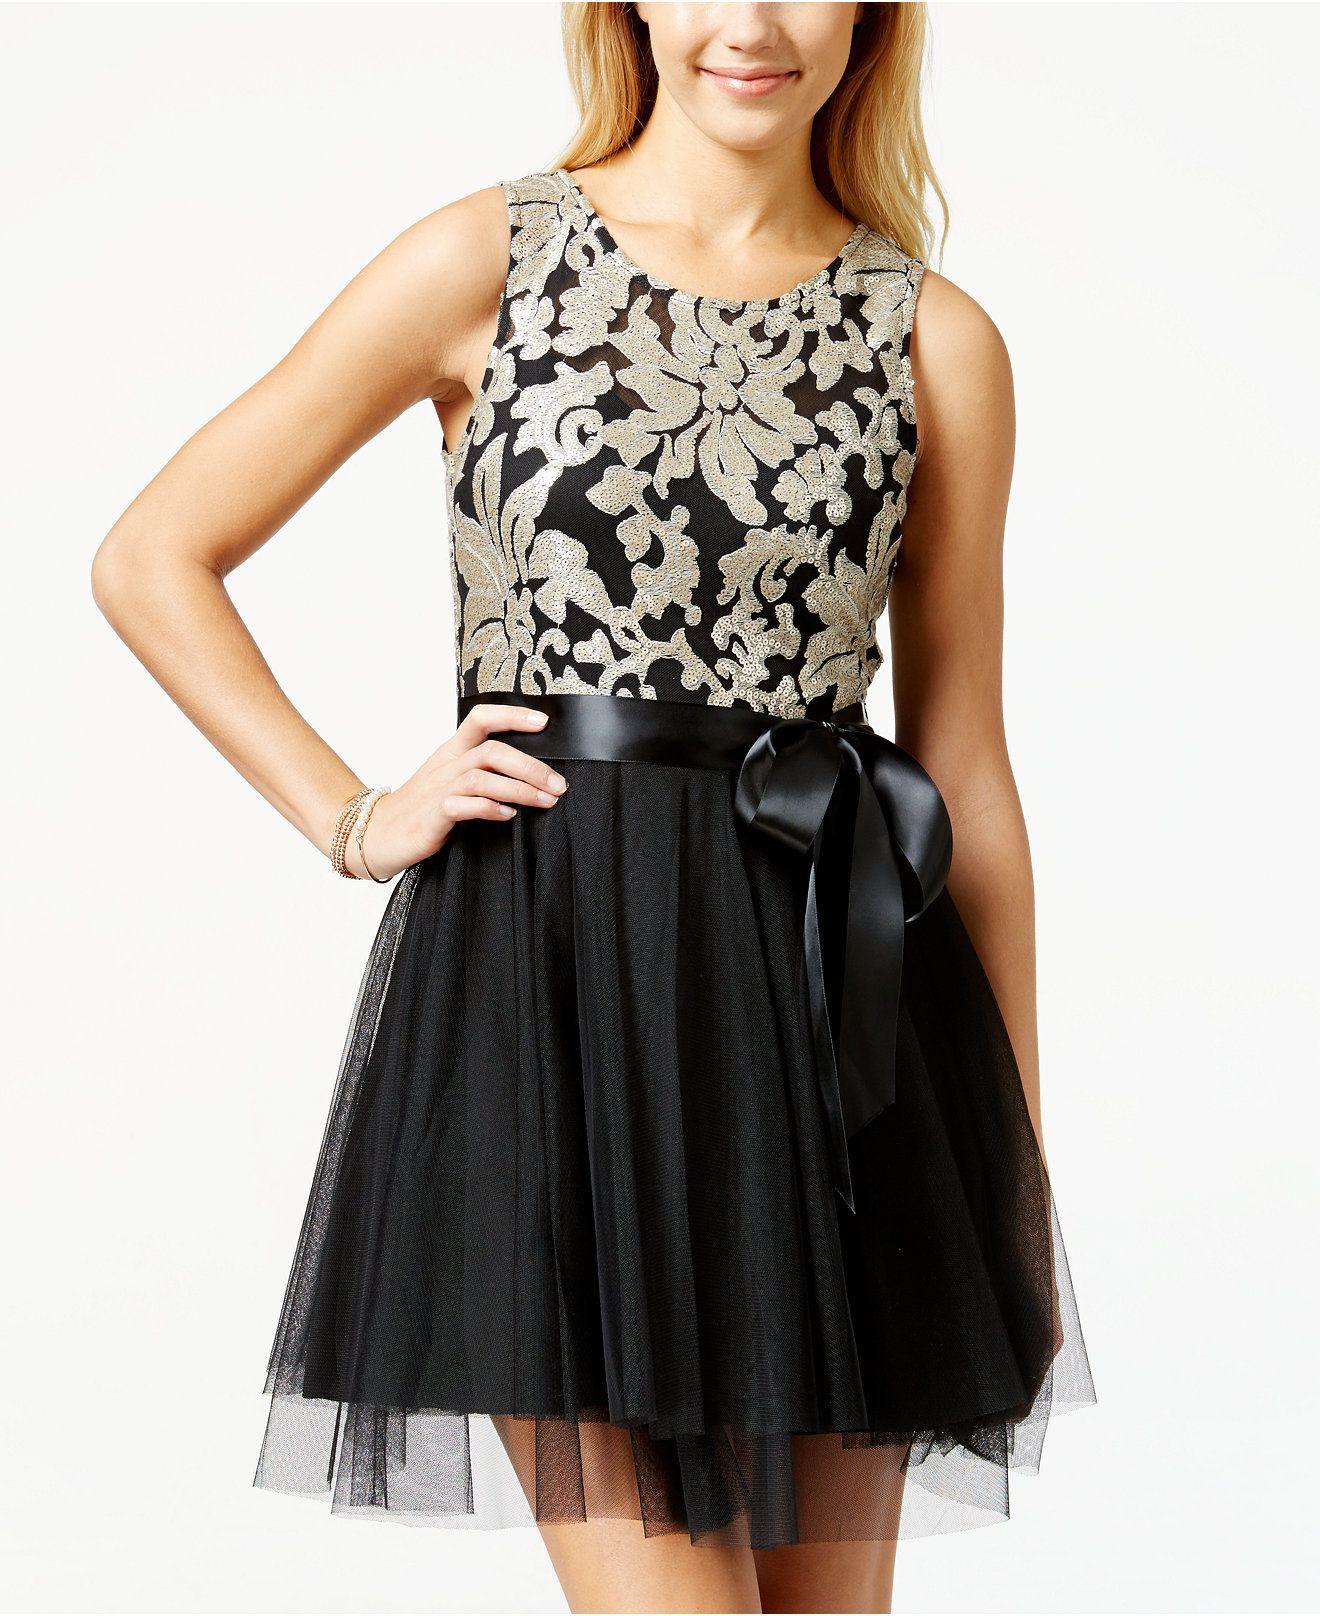 Teeze me juniorsu sequin embroidered ballerina dress juniors